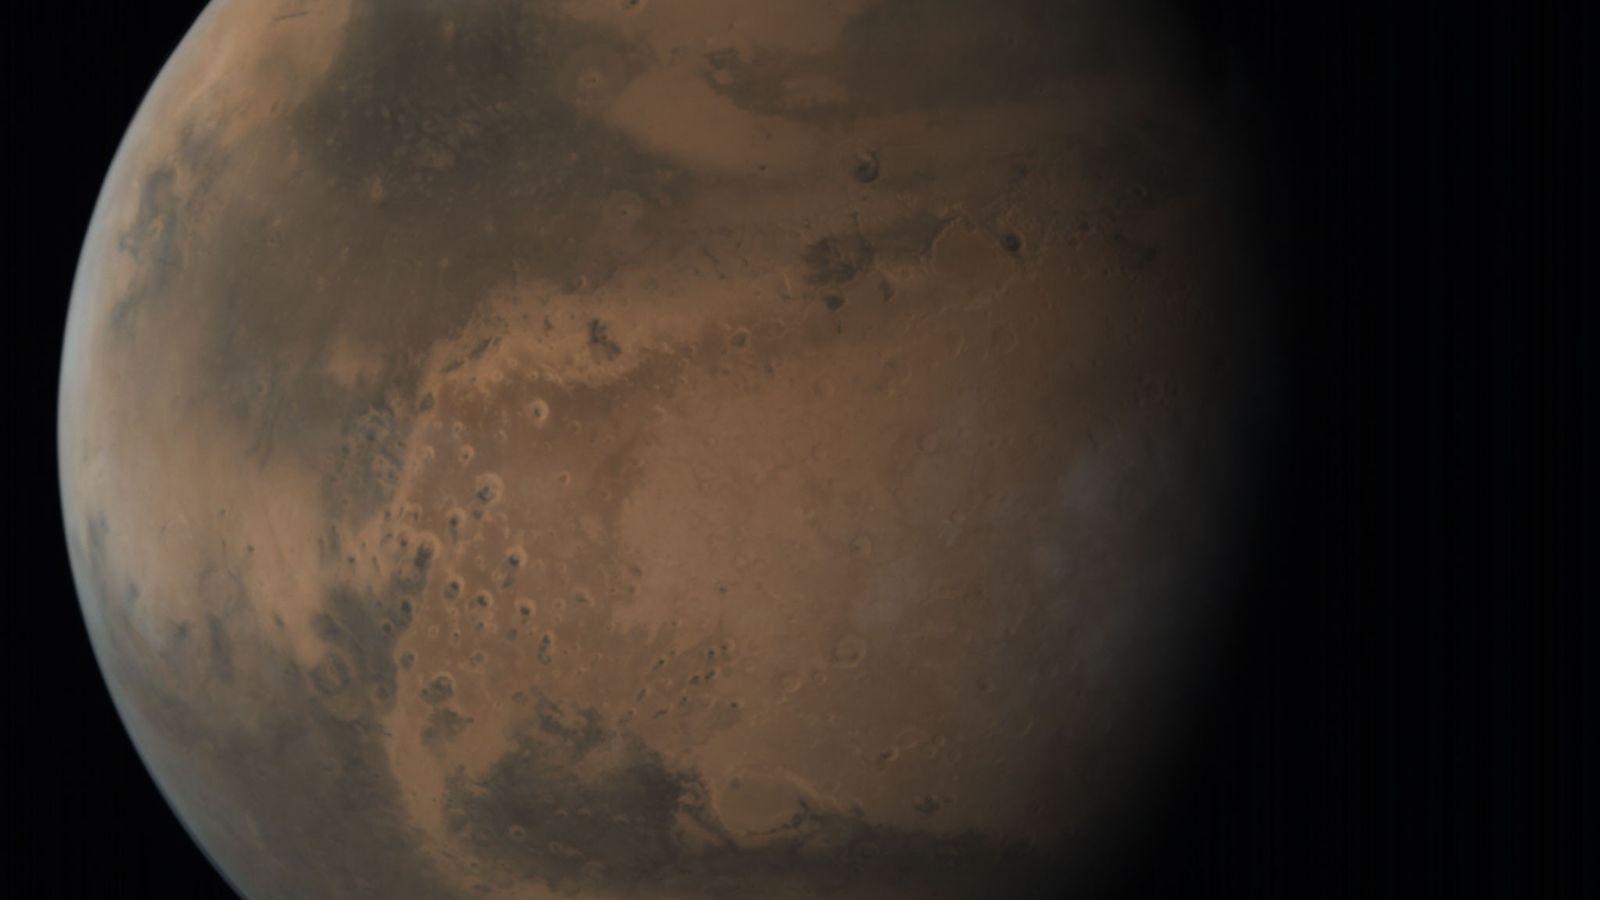 Cette vue d'ensemble en haute-résolution incroyablement détaillée de Mars a été prise par la sonde Mangalyaan. ...